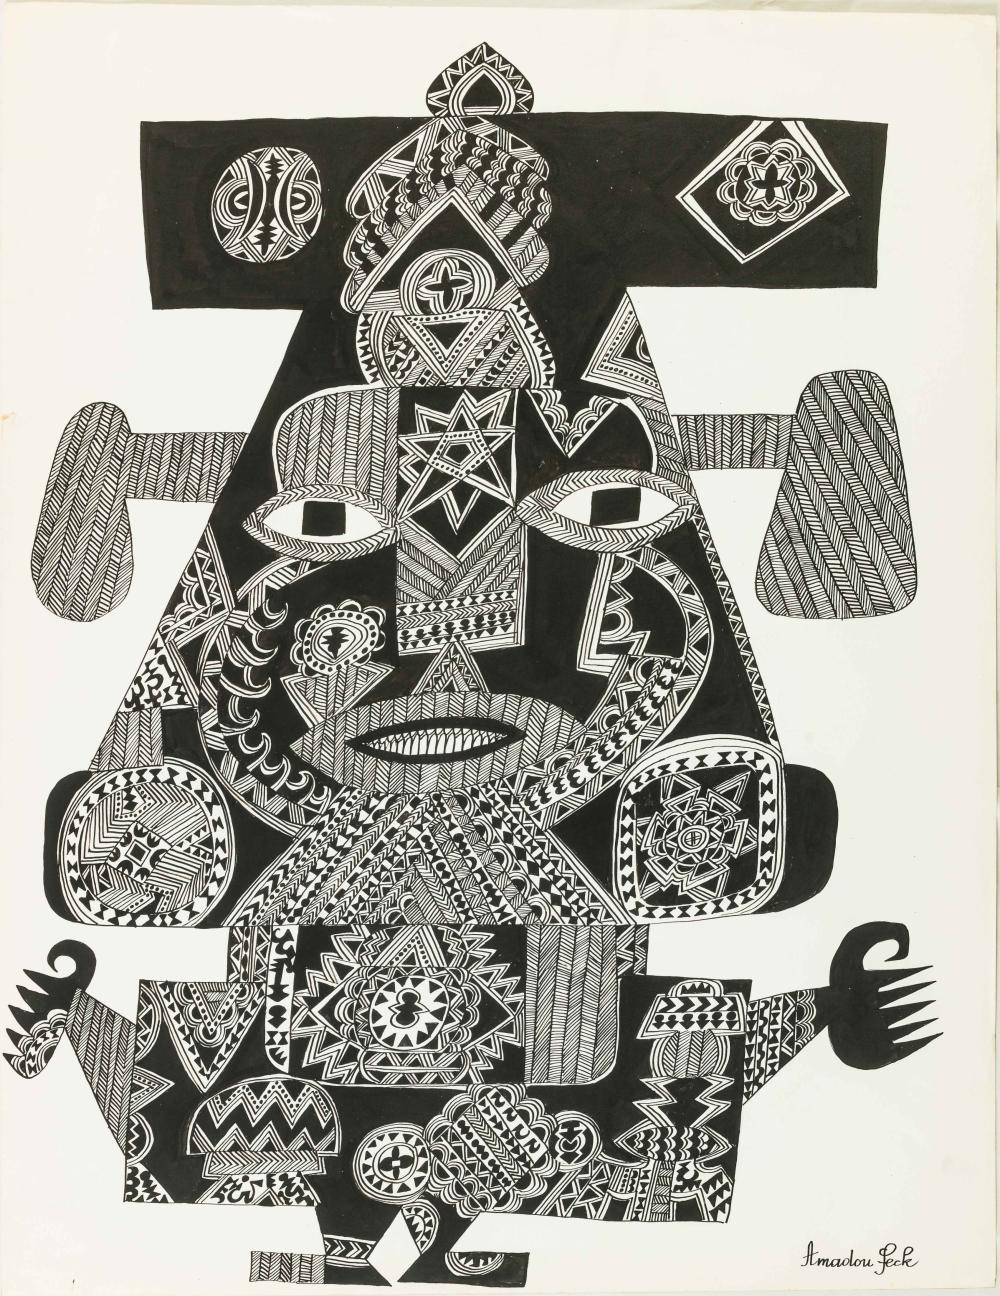 Amadou SECK né en 1950 - Sénégal Dignitaire I, circa 1975-1980 Encre de Chine sur papier